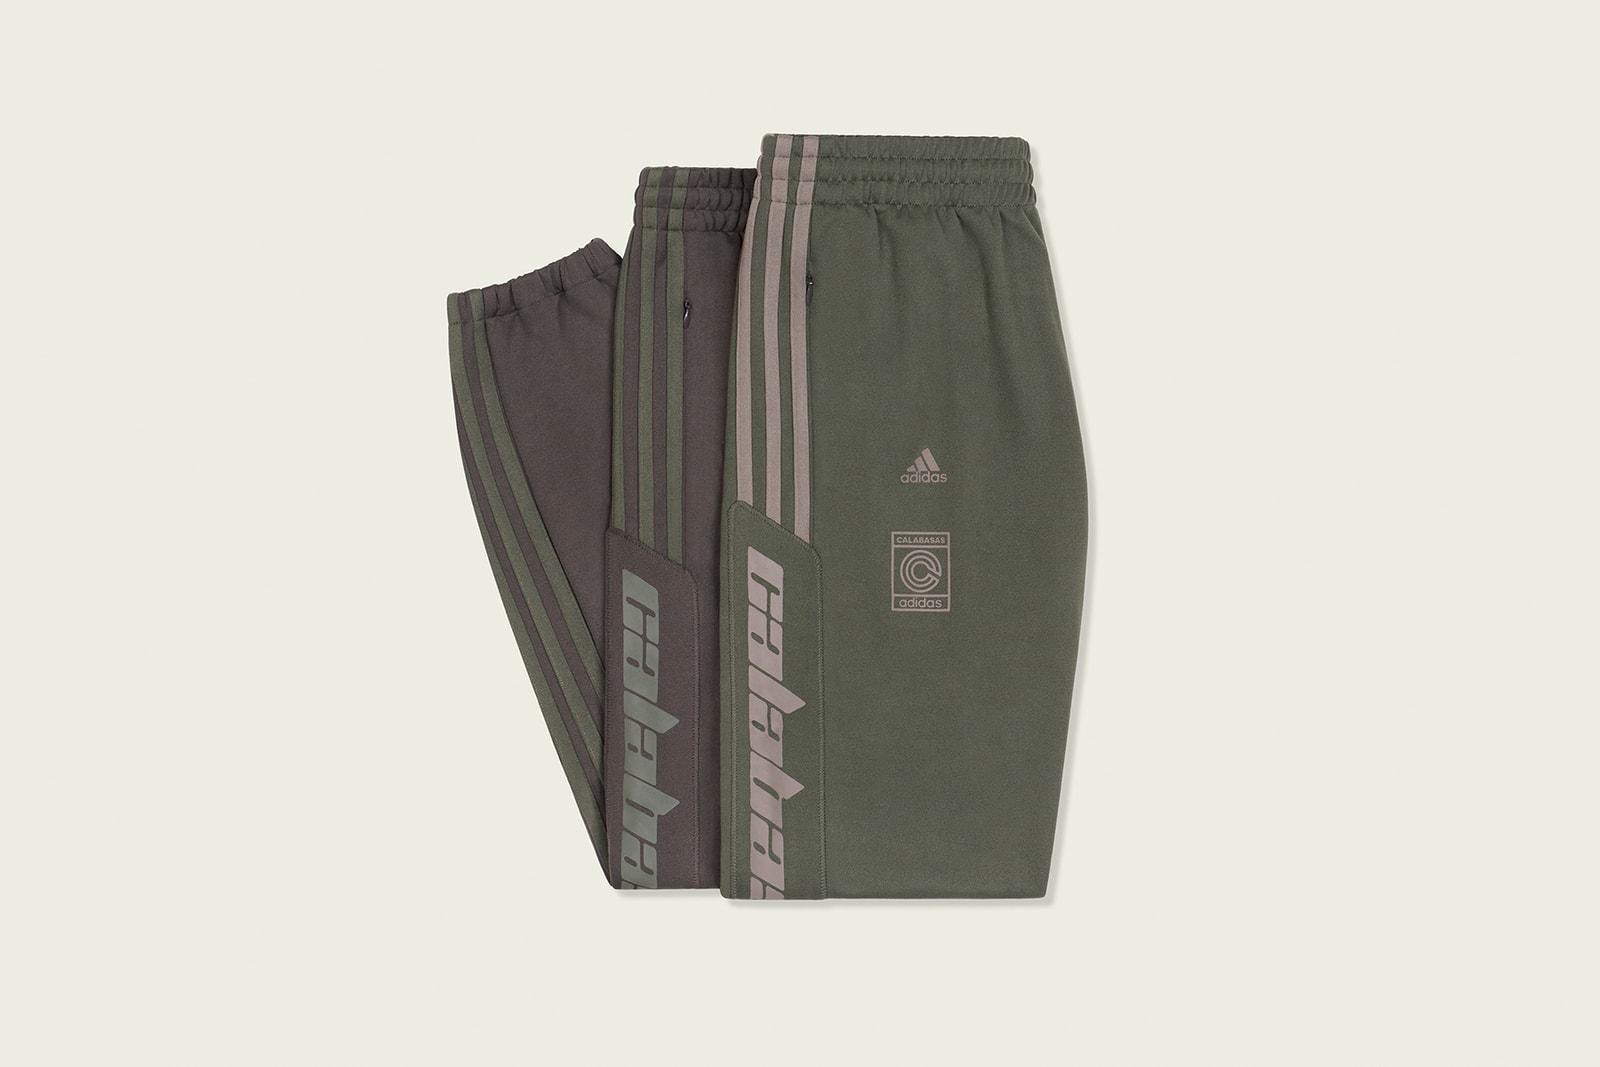 adidas カニエ・ウェスト アディダス yeezy kanye west boost 350 v2 sesami zebra calabasas